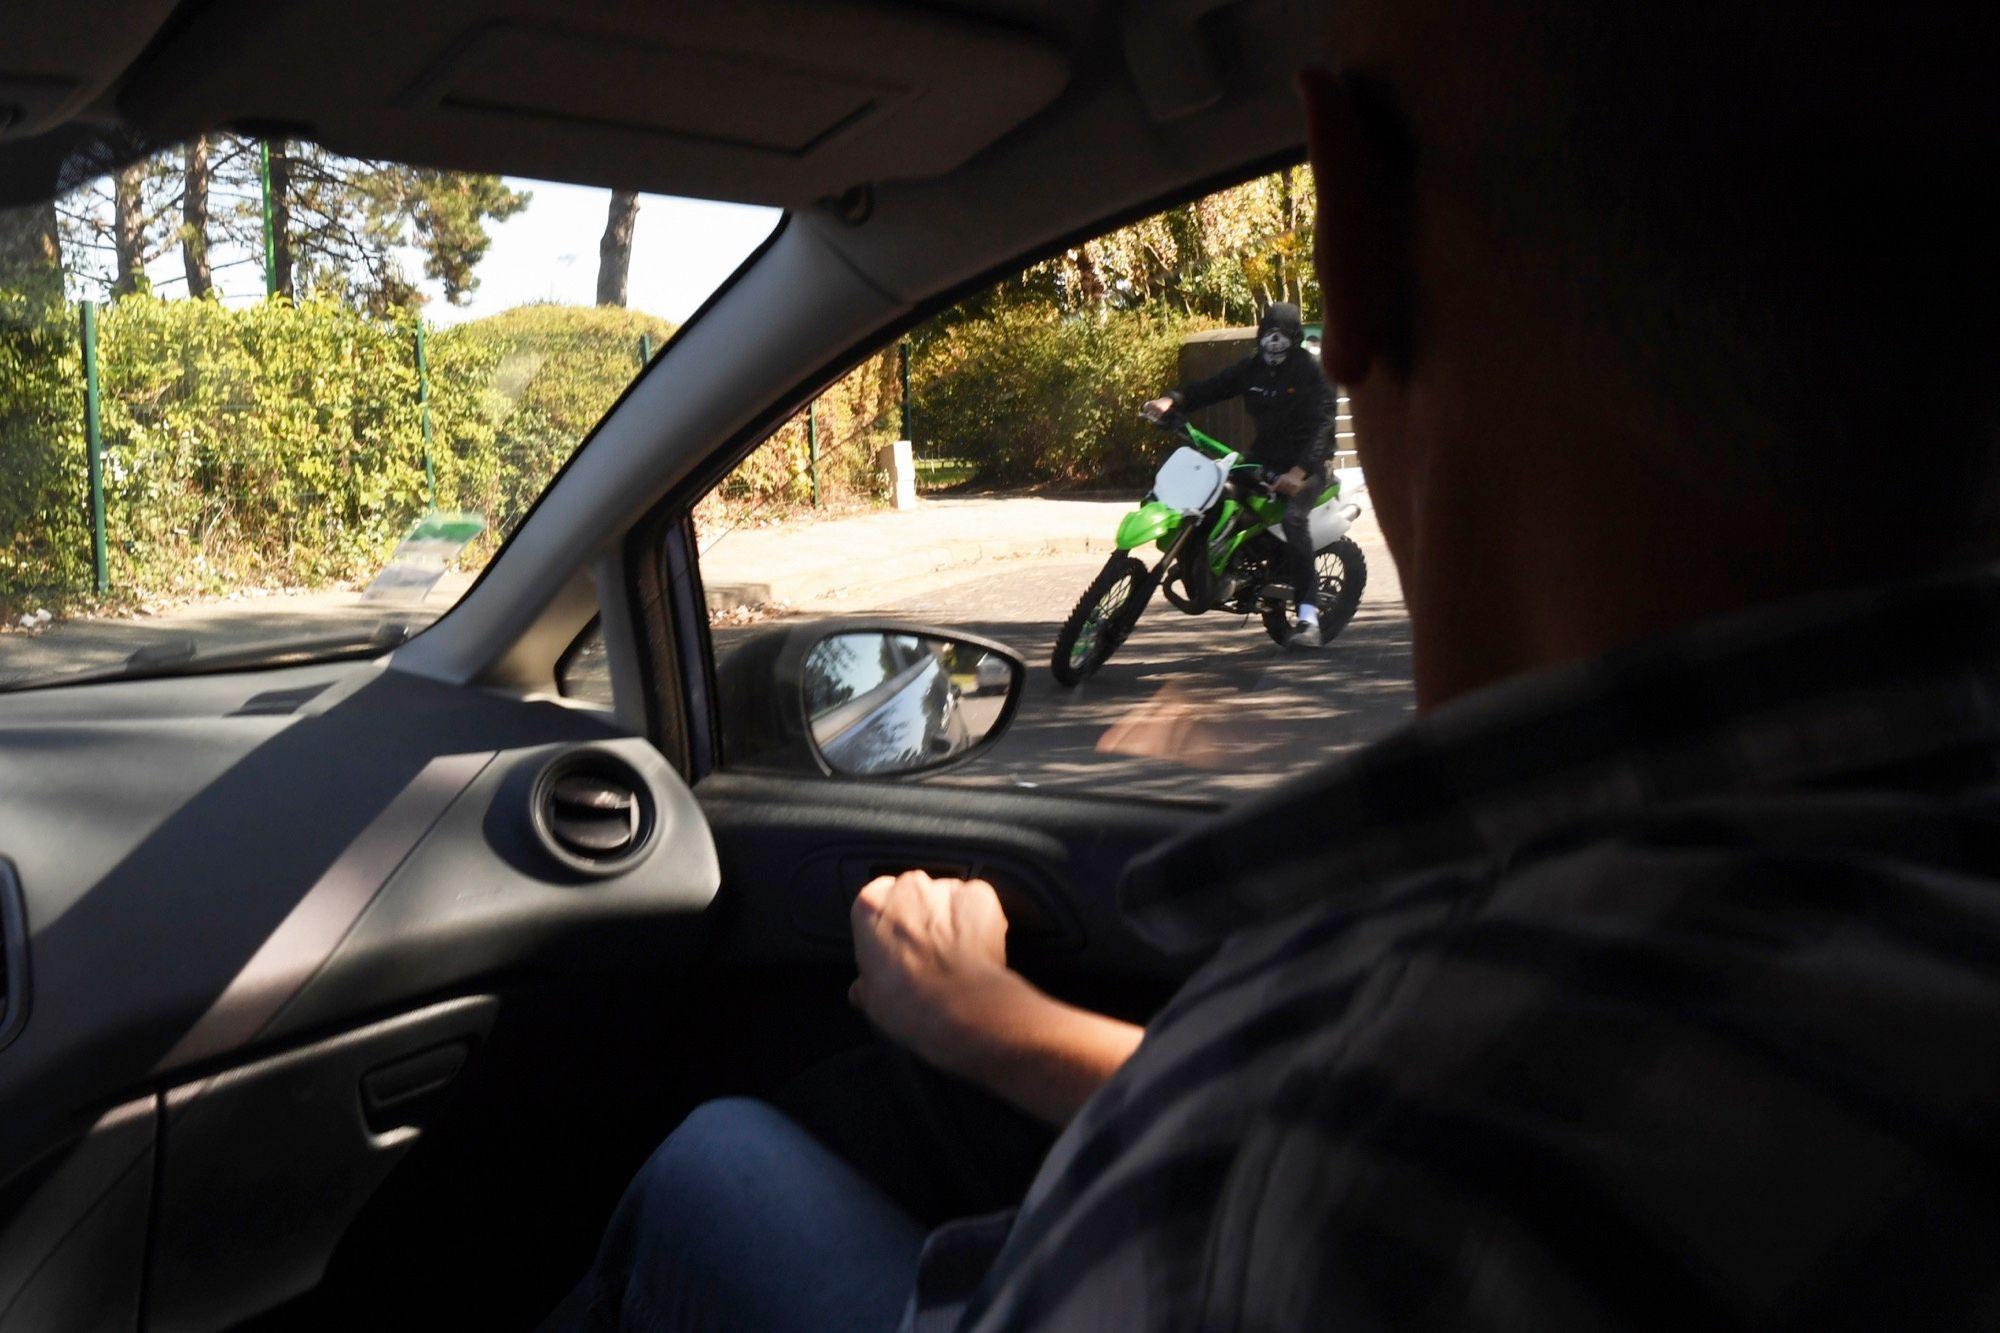 Rodéo dans les cités : les voyous qui défient la police